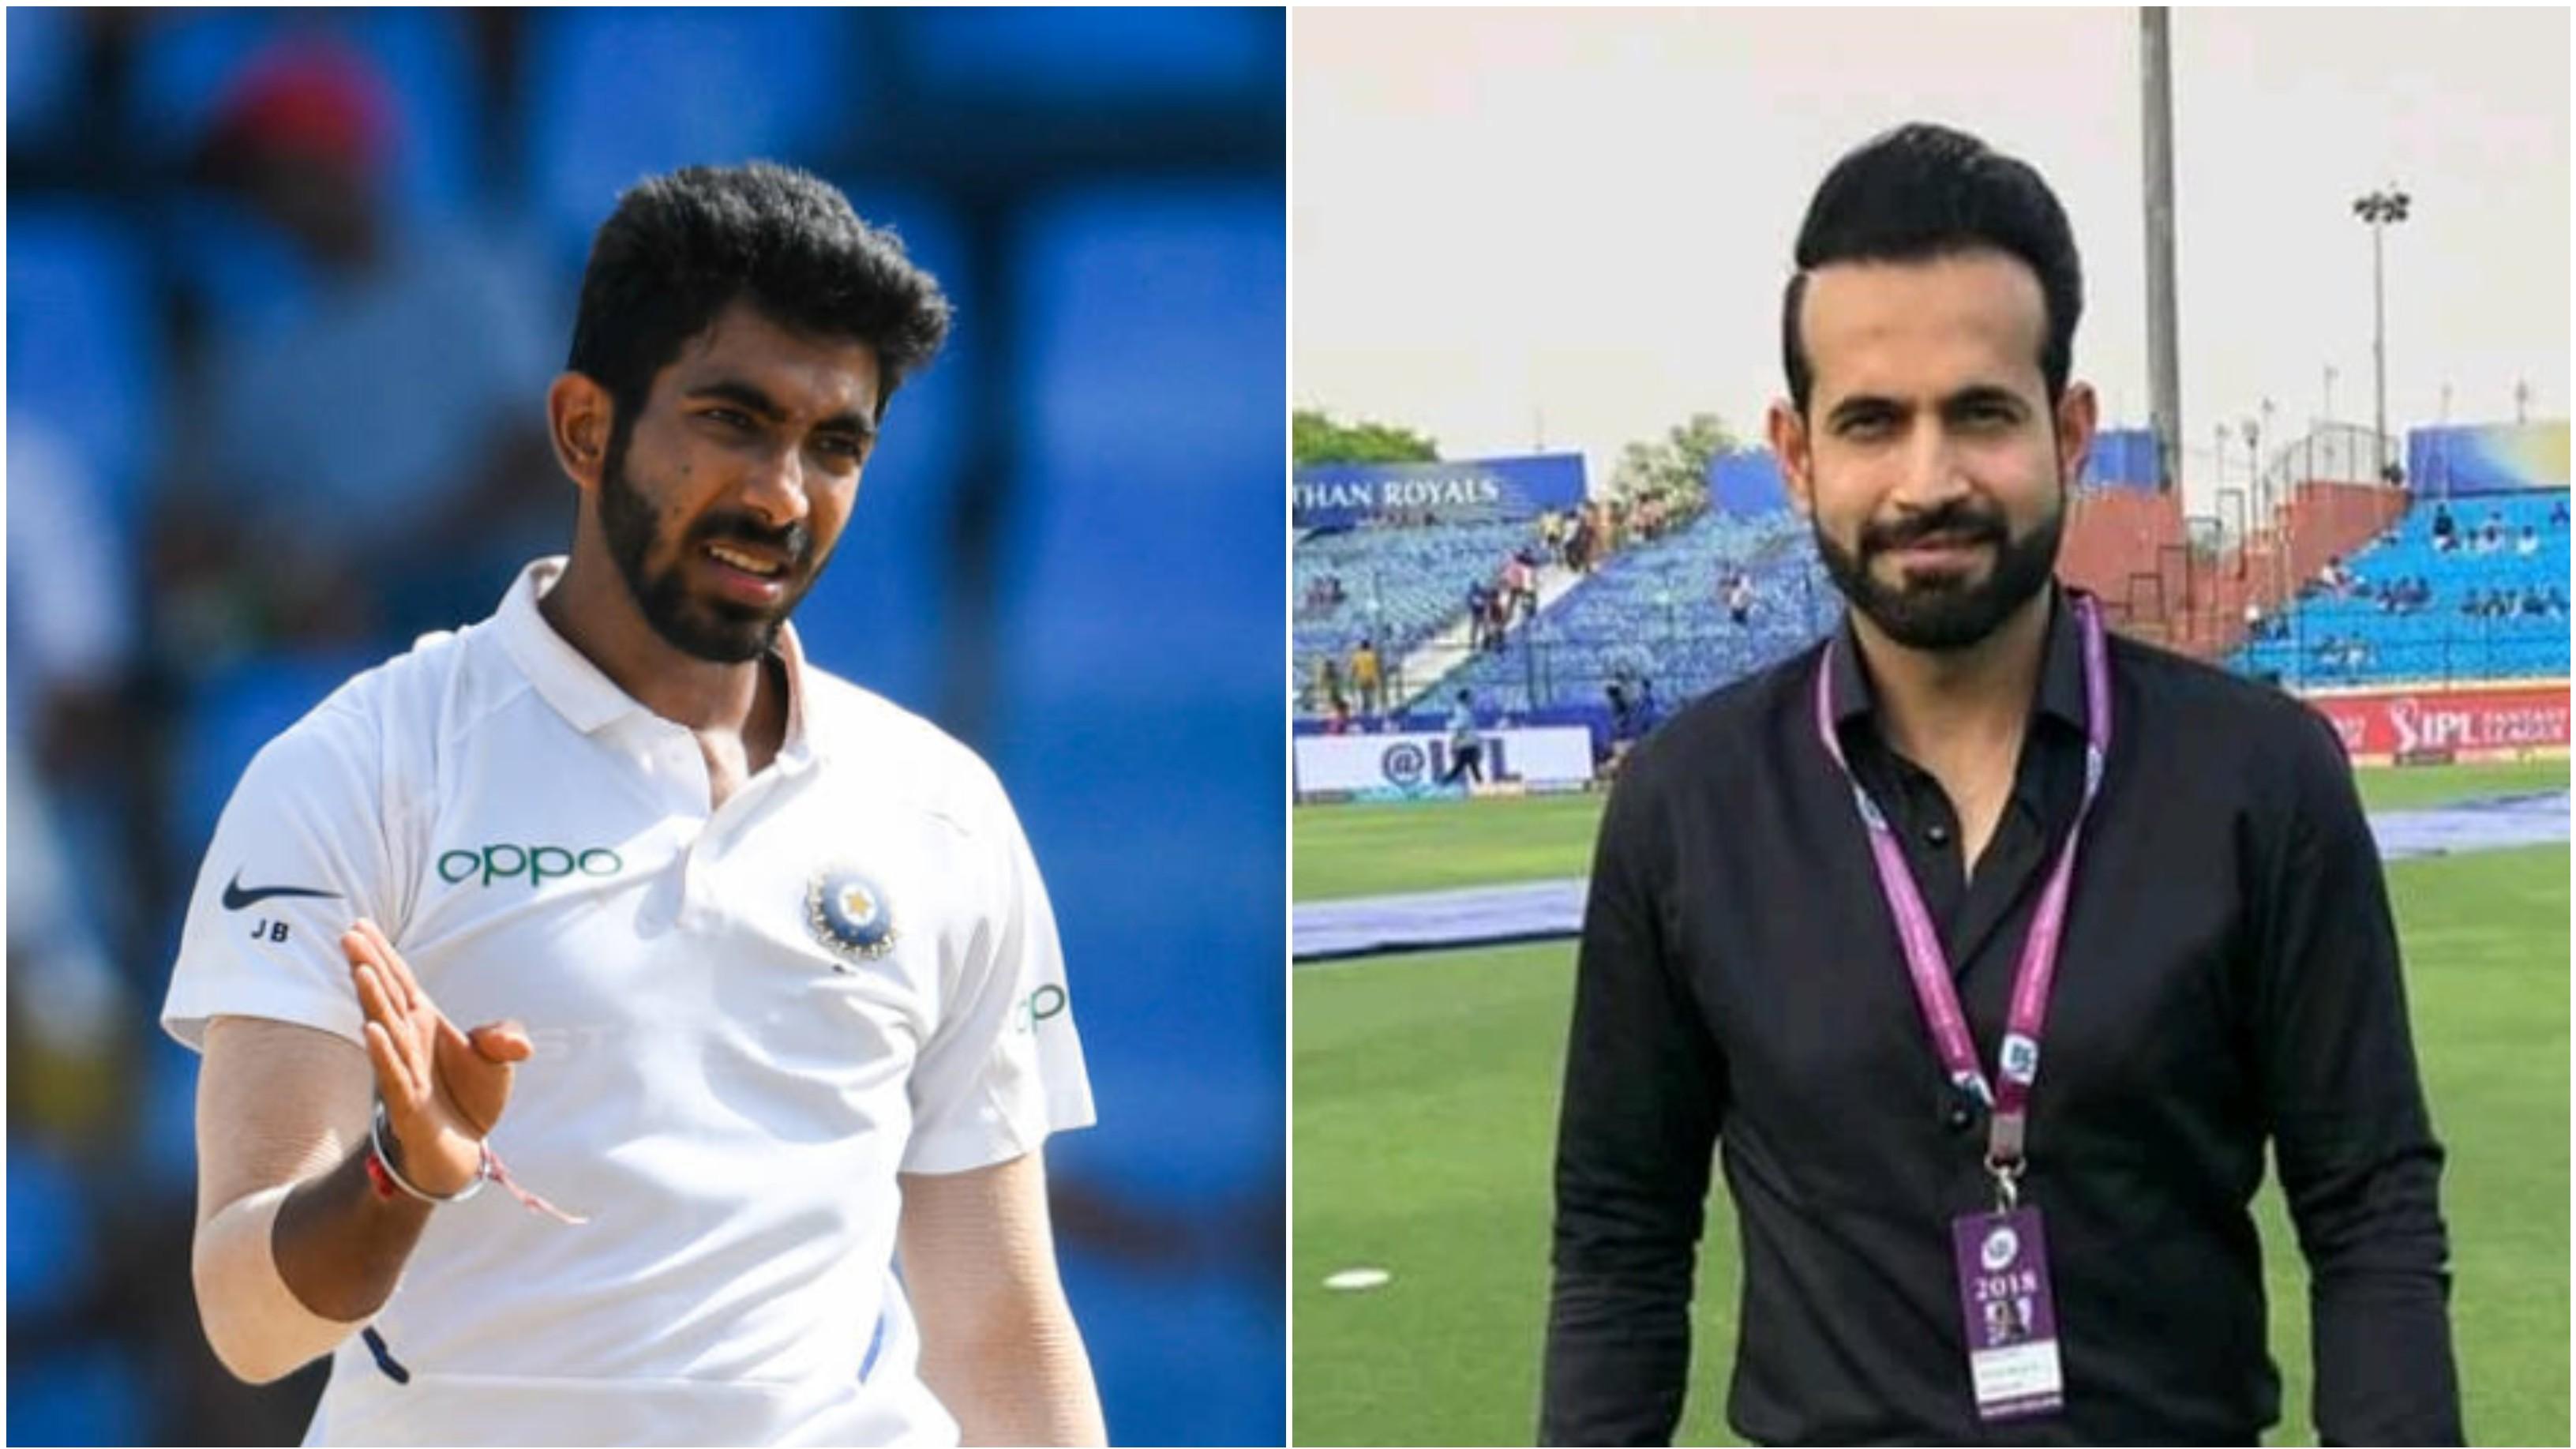 जसप्रीत बुमराह को टेस्ट क्रिकेट ने बना दिया और भी खतरनाक : इरफान पठान